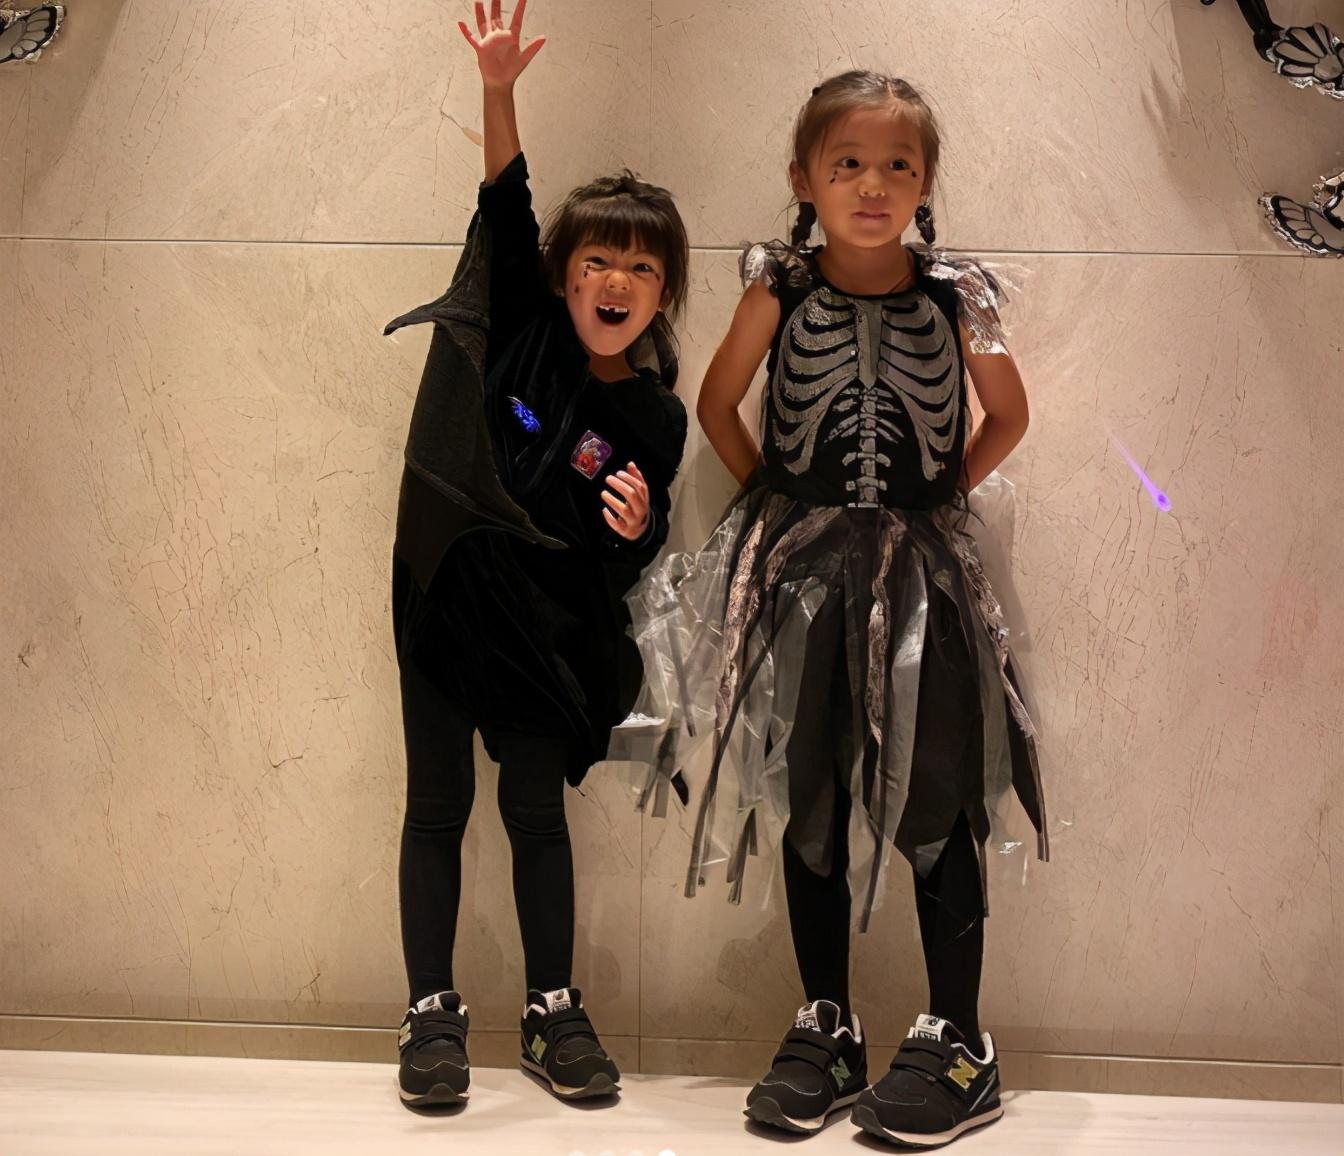 賈靜雯一家過萬聖節,倆女兒扮鬼臉太可愛,修傑楷用力呲牙很滑稽